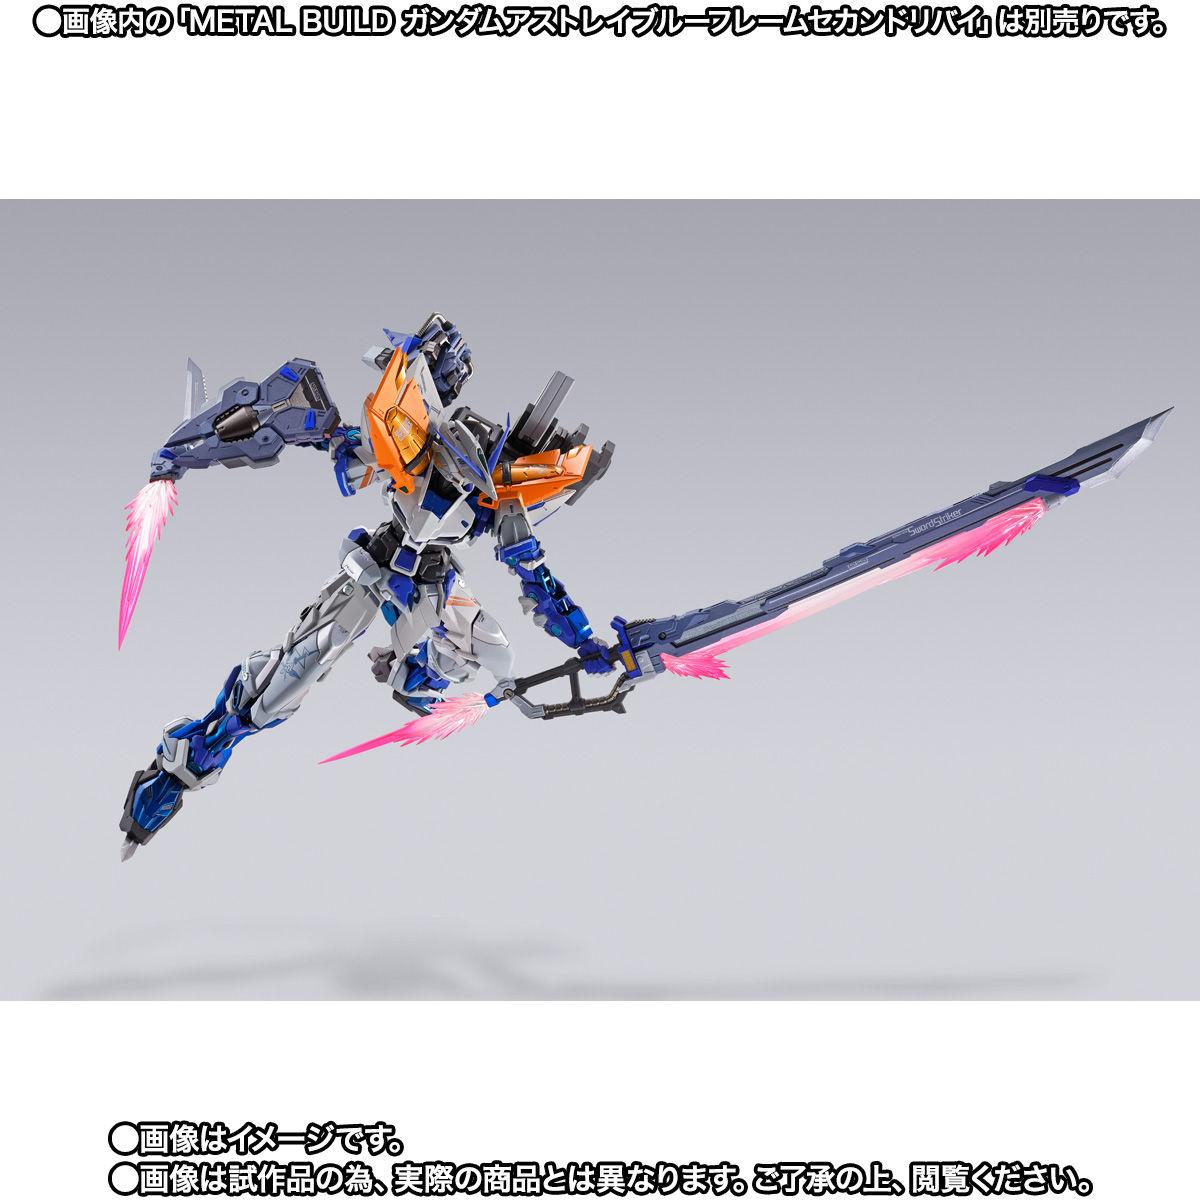 【限定販売】METAL BUILD『ソードストライカー』機動戦士ガンダムSEED 可動フィギュア-003